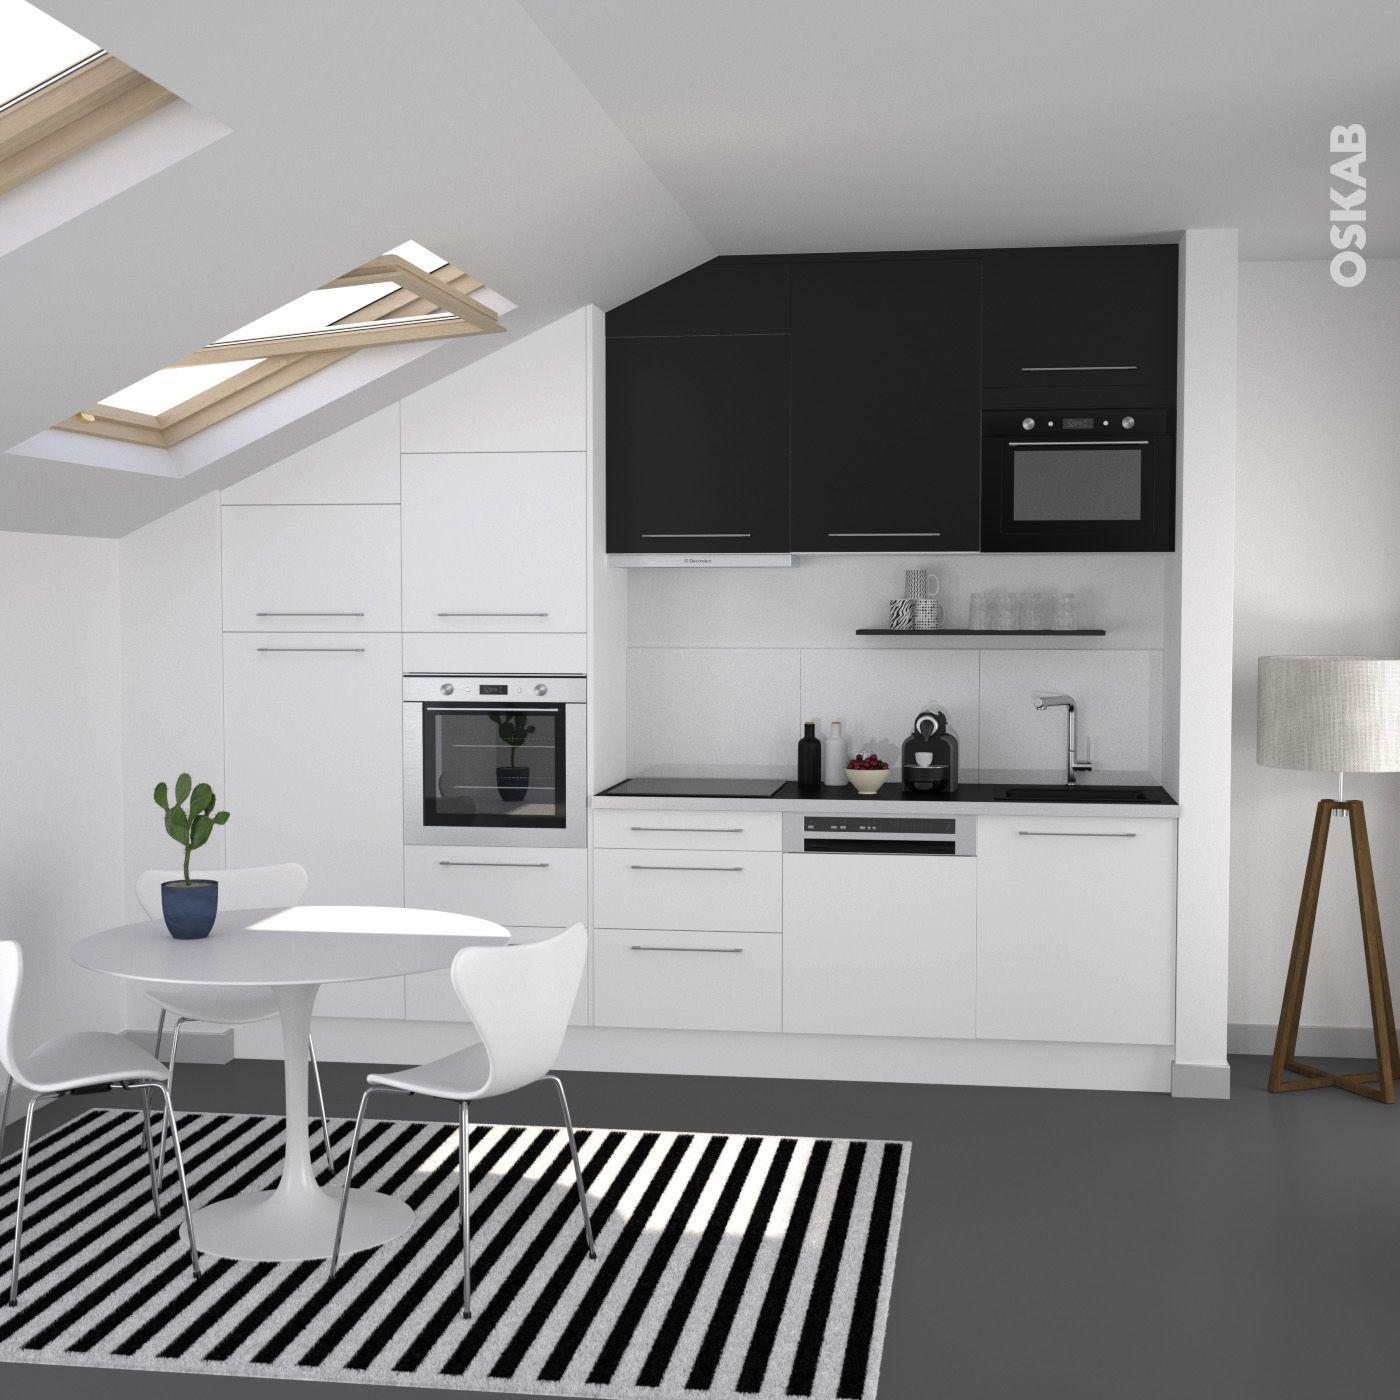 Cuisine bicolore design blanche et noire meuble haut - Cuisine blanche design ...